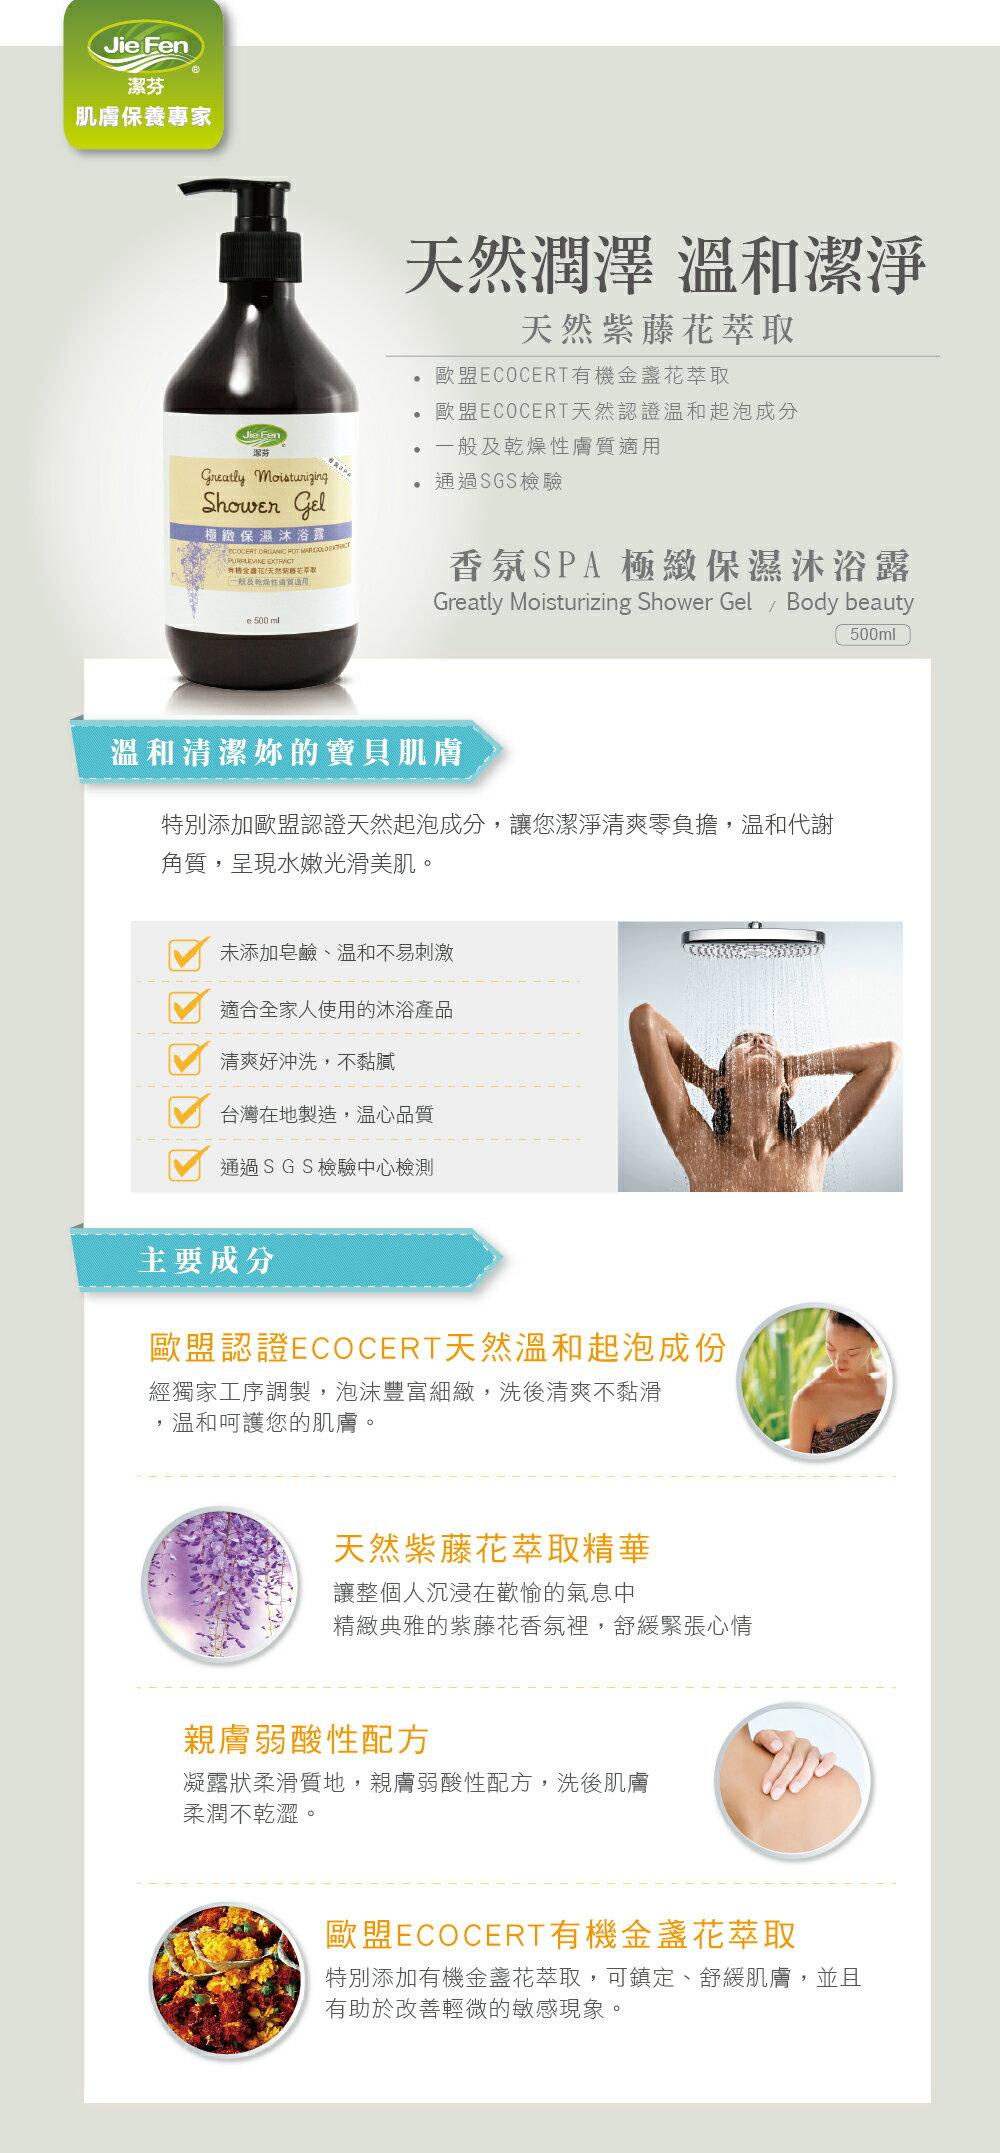 潔芬 極致保濕沐浴露(紫藤花)  - 500ml『121婦嬰用品館』 1